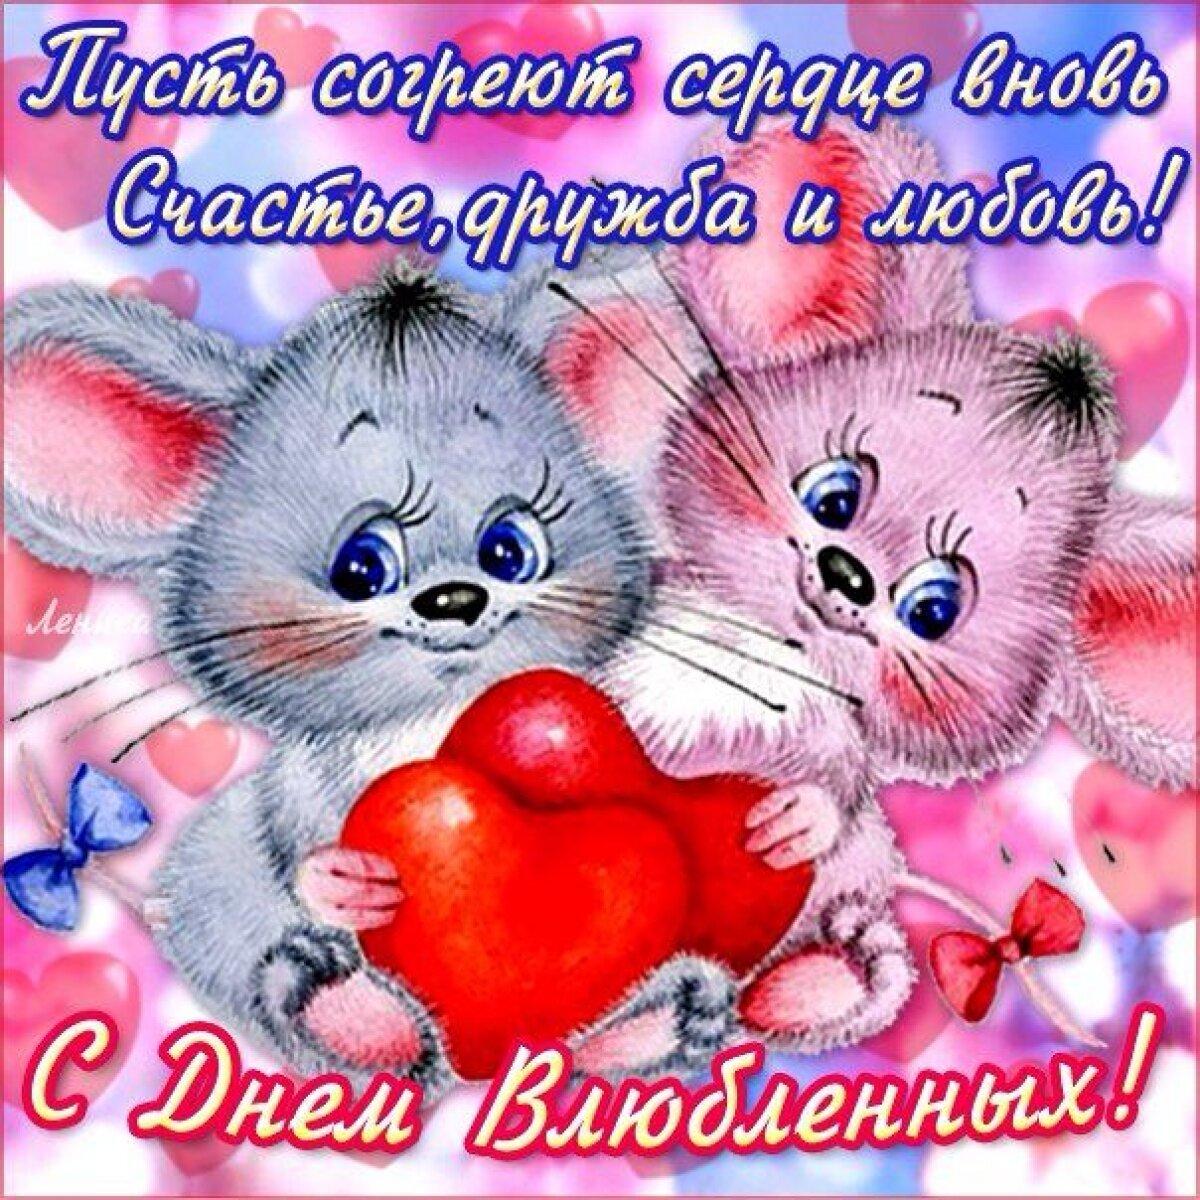 Поздравление любимому с днем всех влюбленных